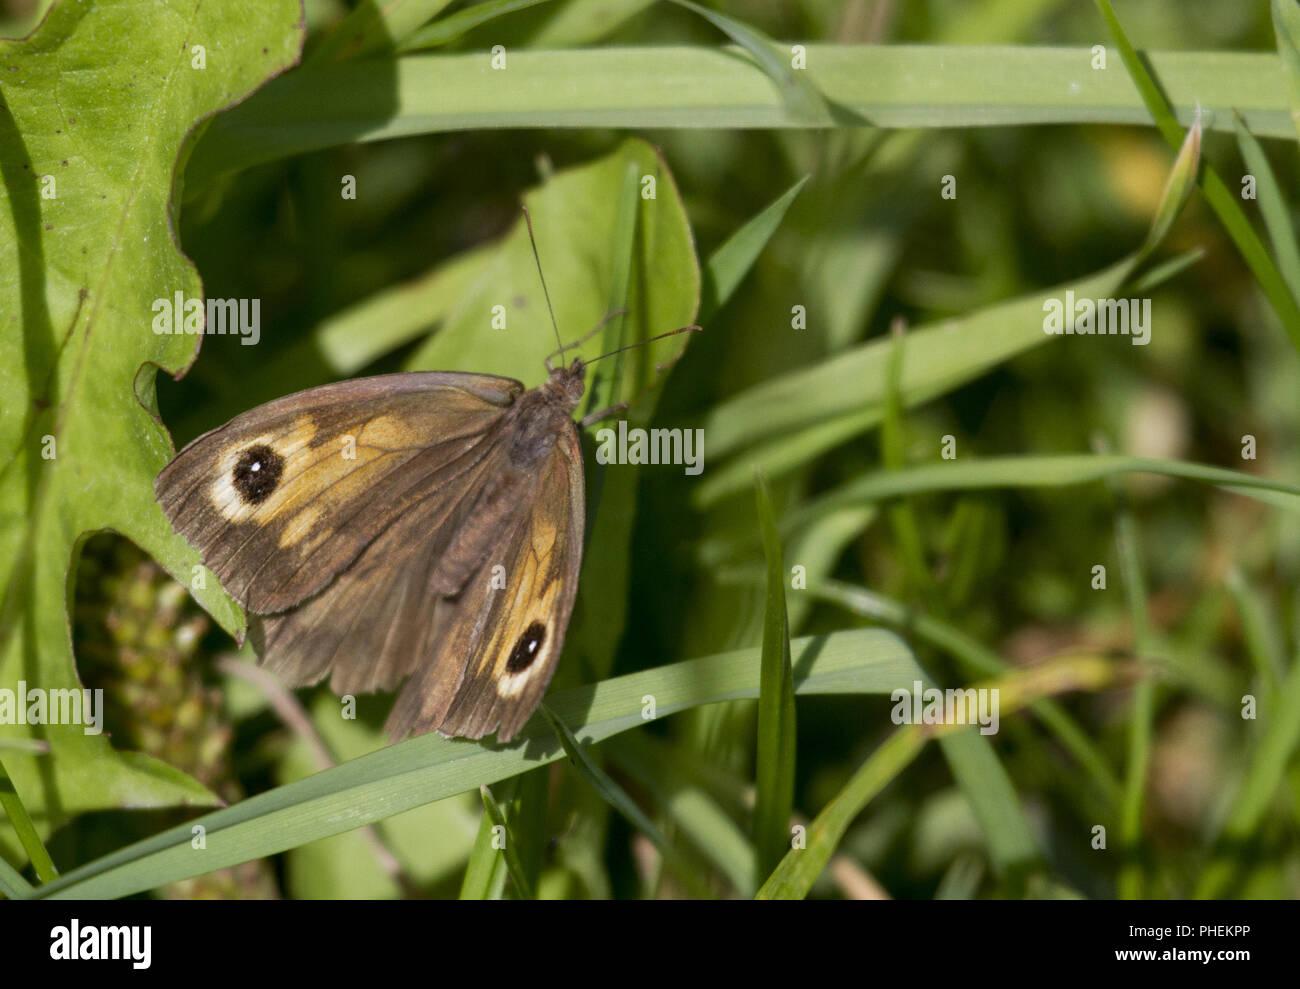 Oxeye Butterfly, Ezumakeech, Firesland, Lauwersmeer, Netherland - Stock Image